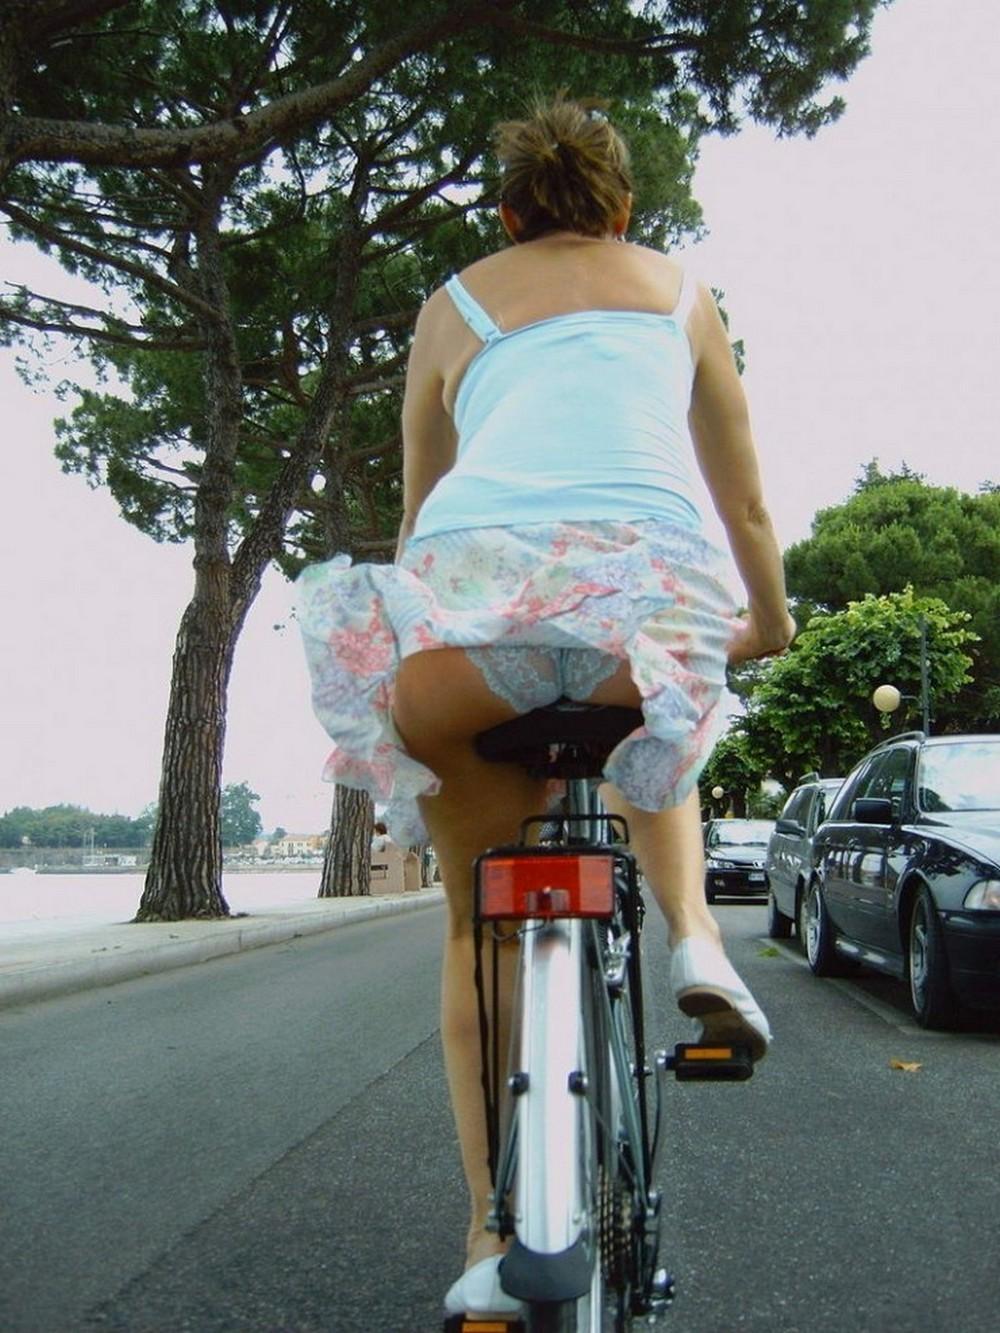 Случайно ветер поднял юбку фото